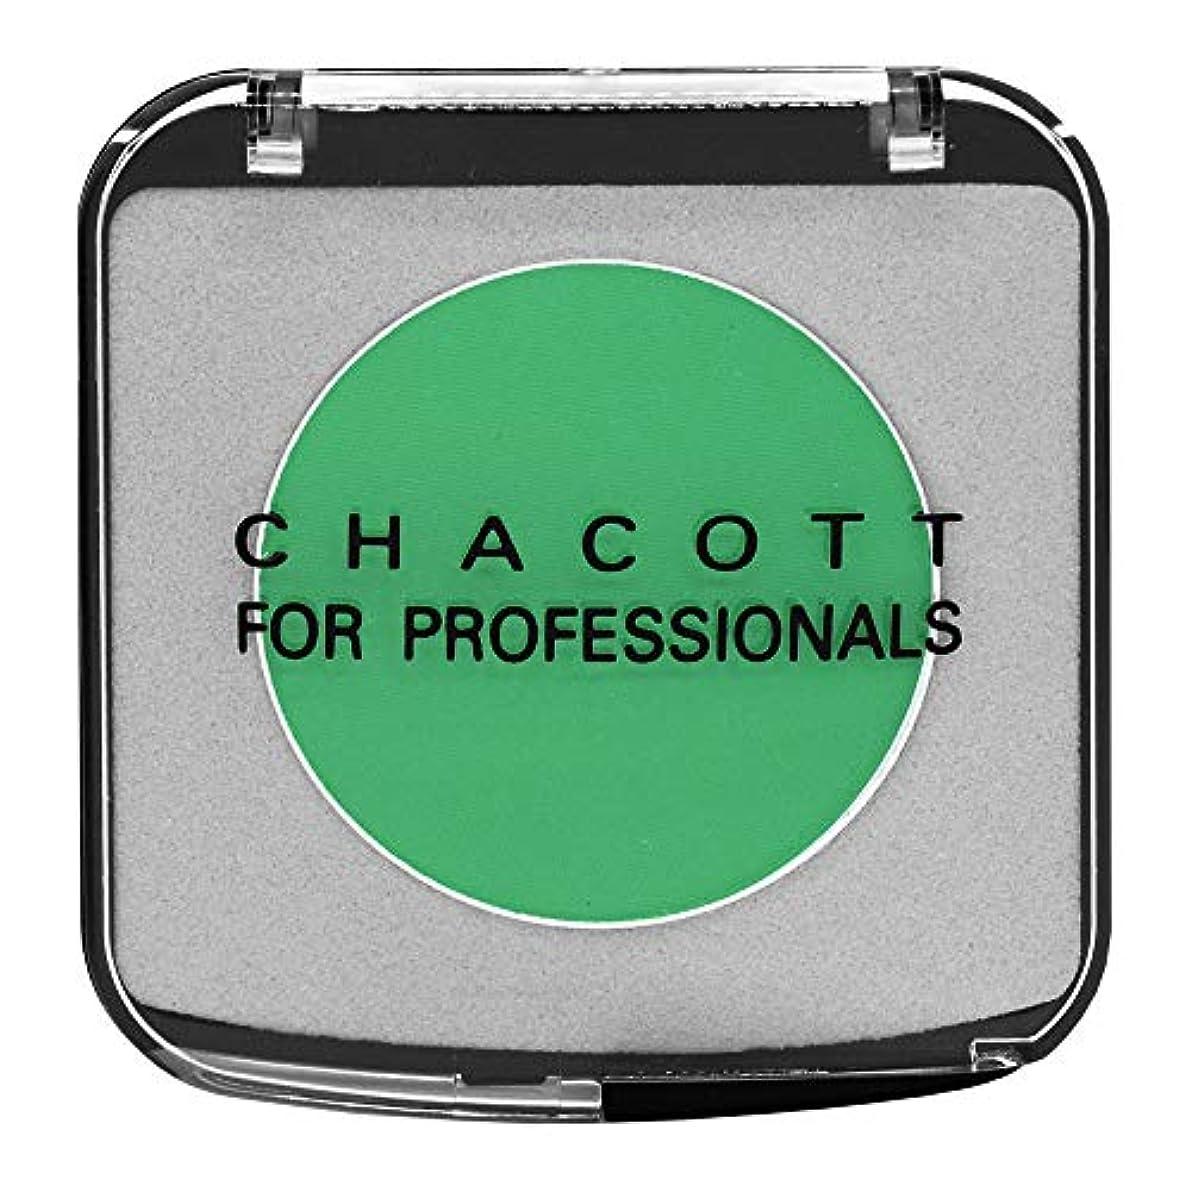 コマースアラビア語衛星CHACOTT<チャコット> カラーバリエーション 633.グラスグリーン